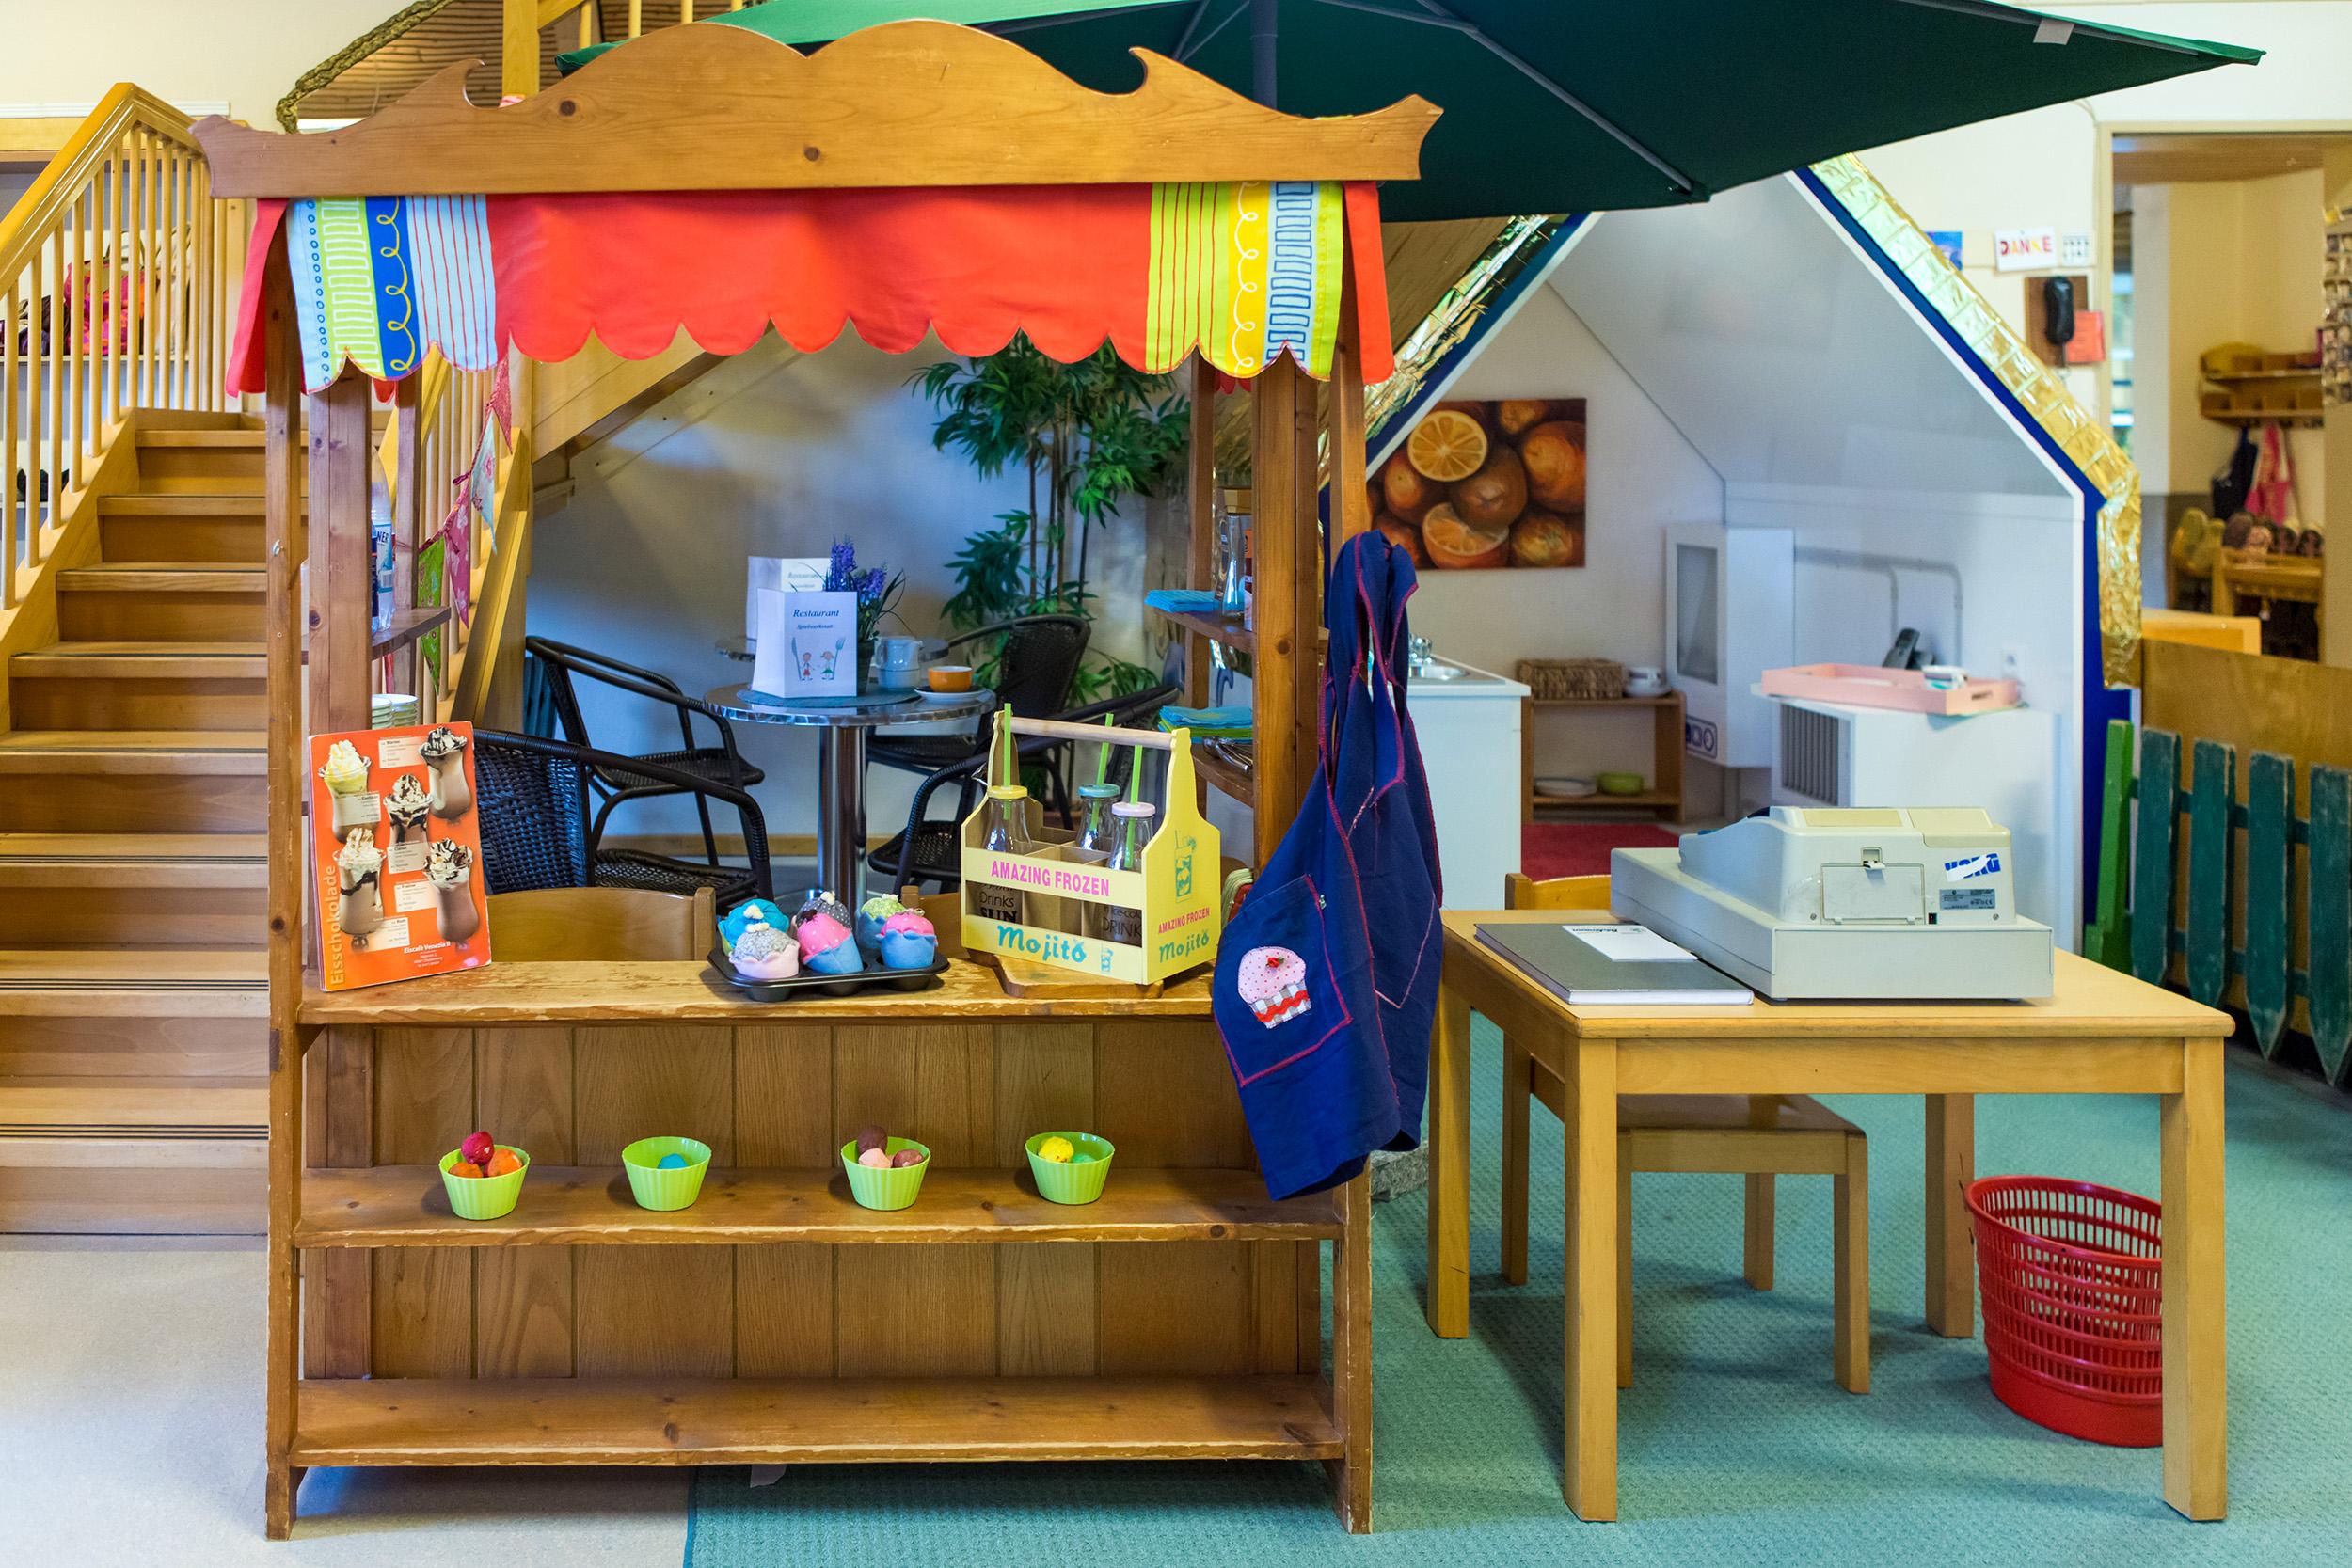 Markt Kita Rollenspiel Kindergarten